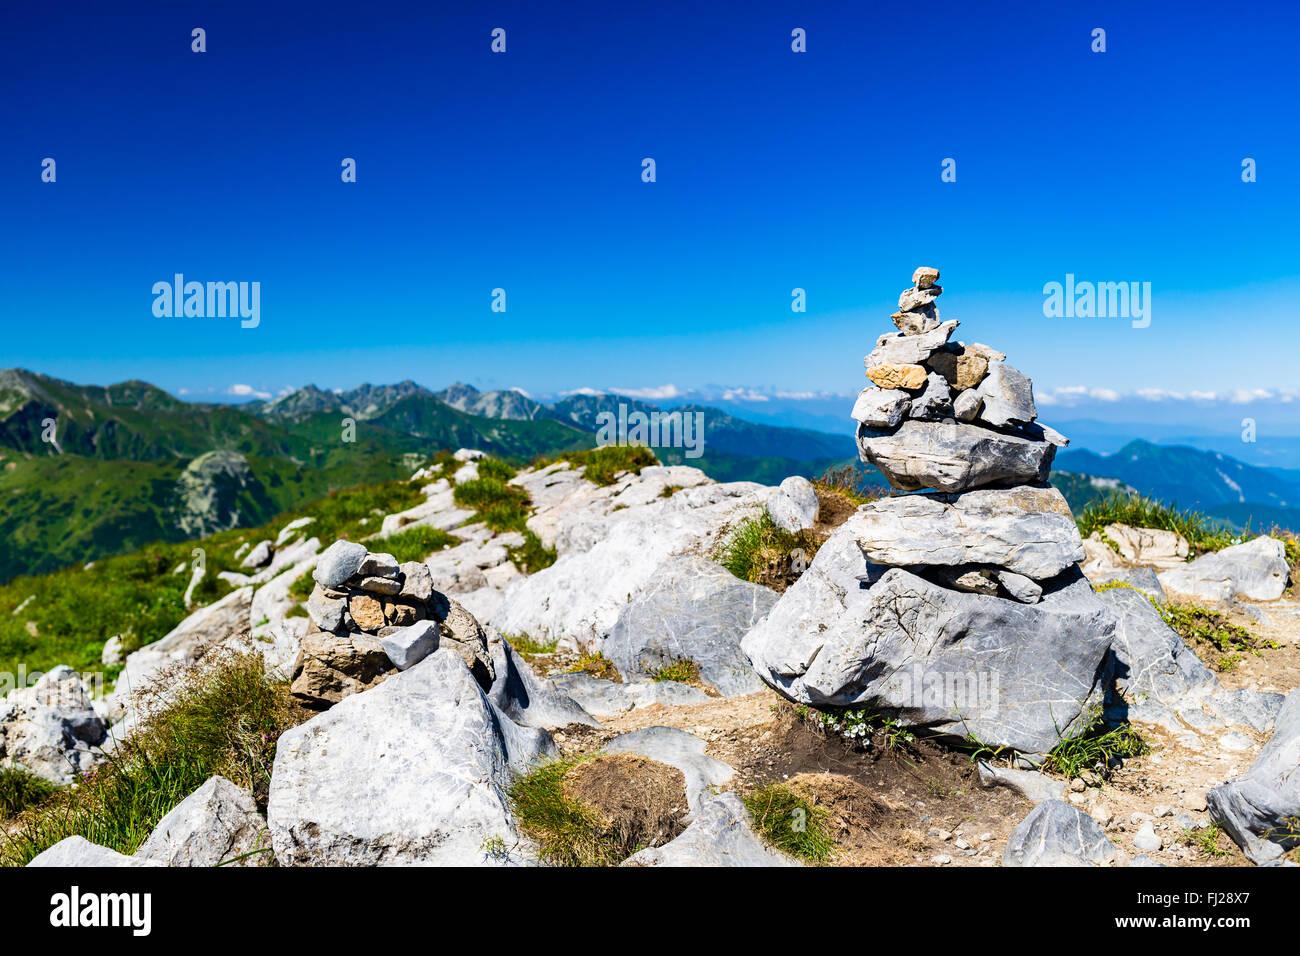 Paisaje de las montañas inspirador ver con piedras equilibrio signo de senderismo, día soleado en verano Imagen De Stock